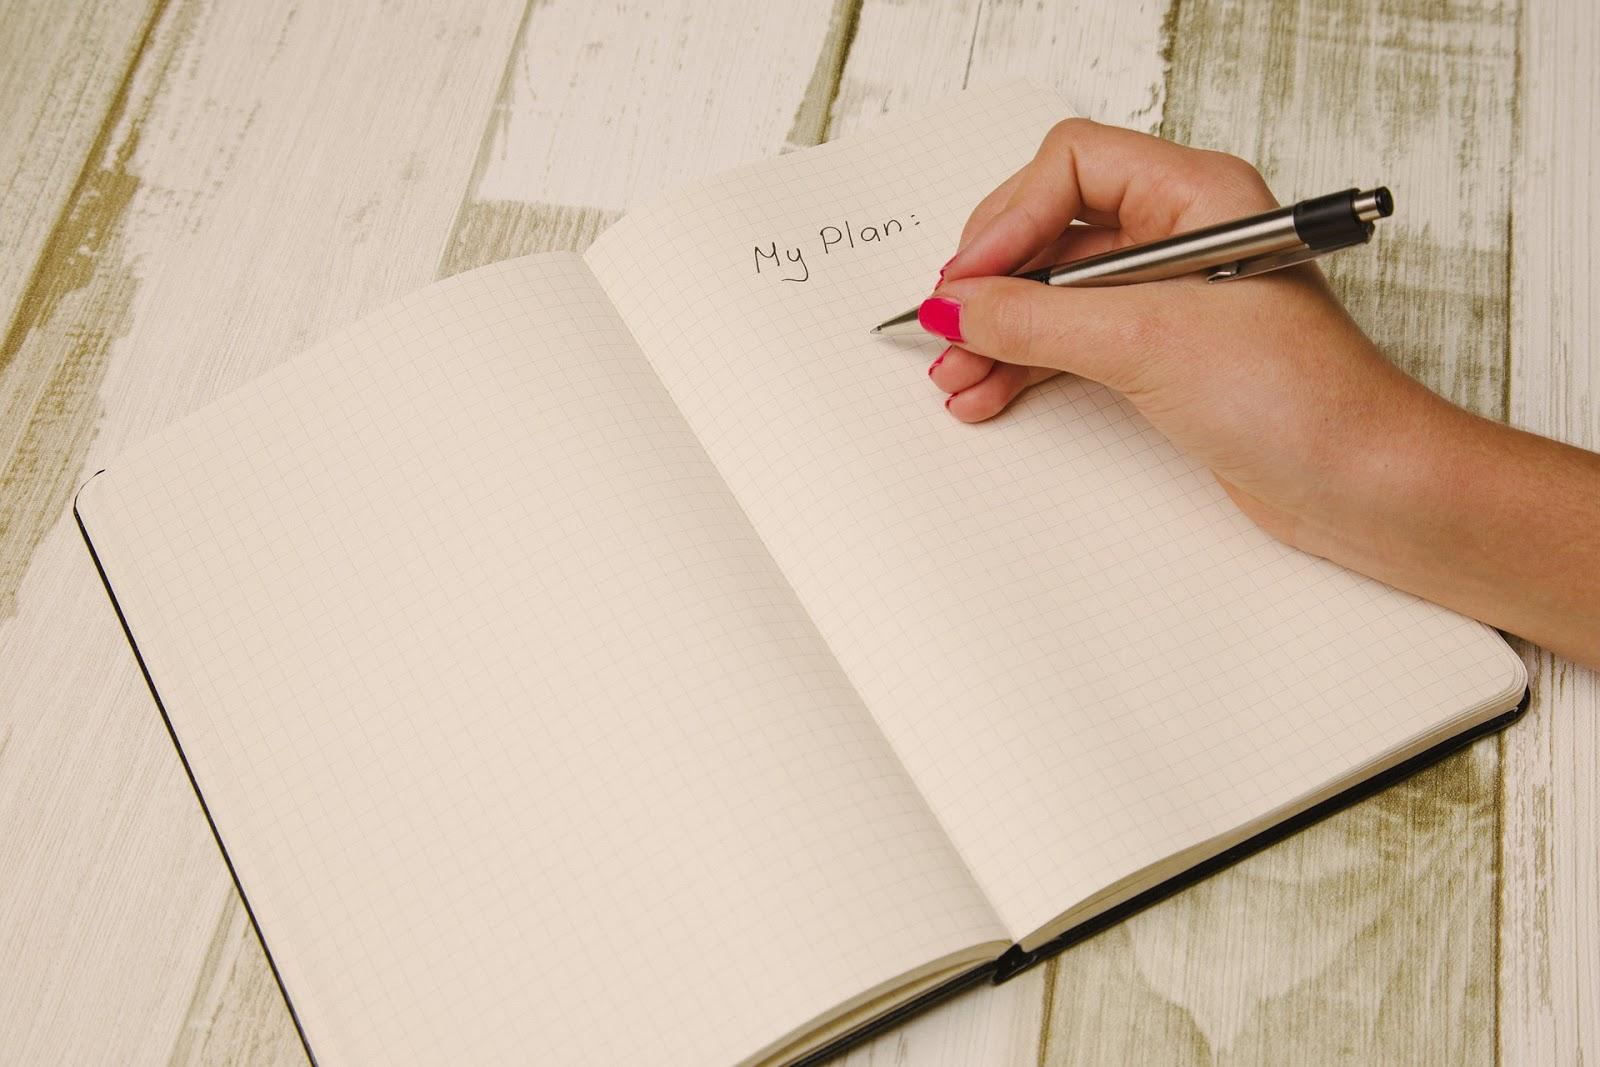 escribir un libro rapido, bloqueo escritor, como escribir un libro